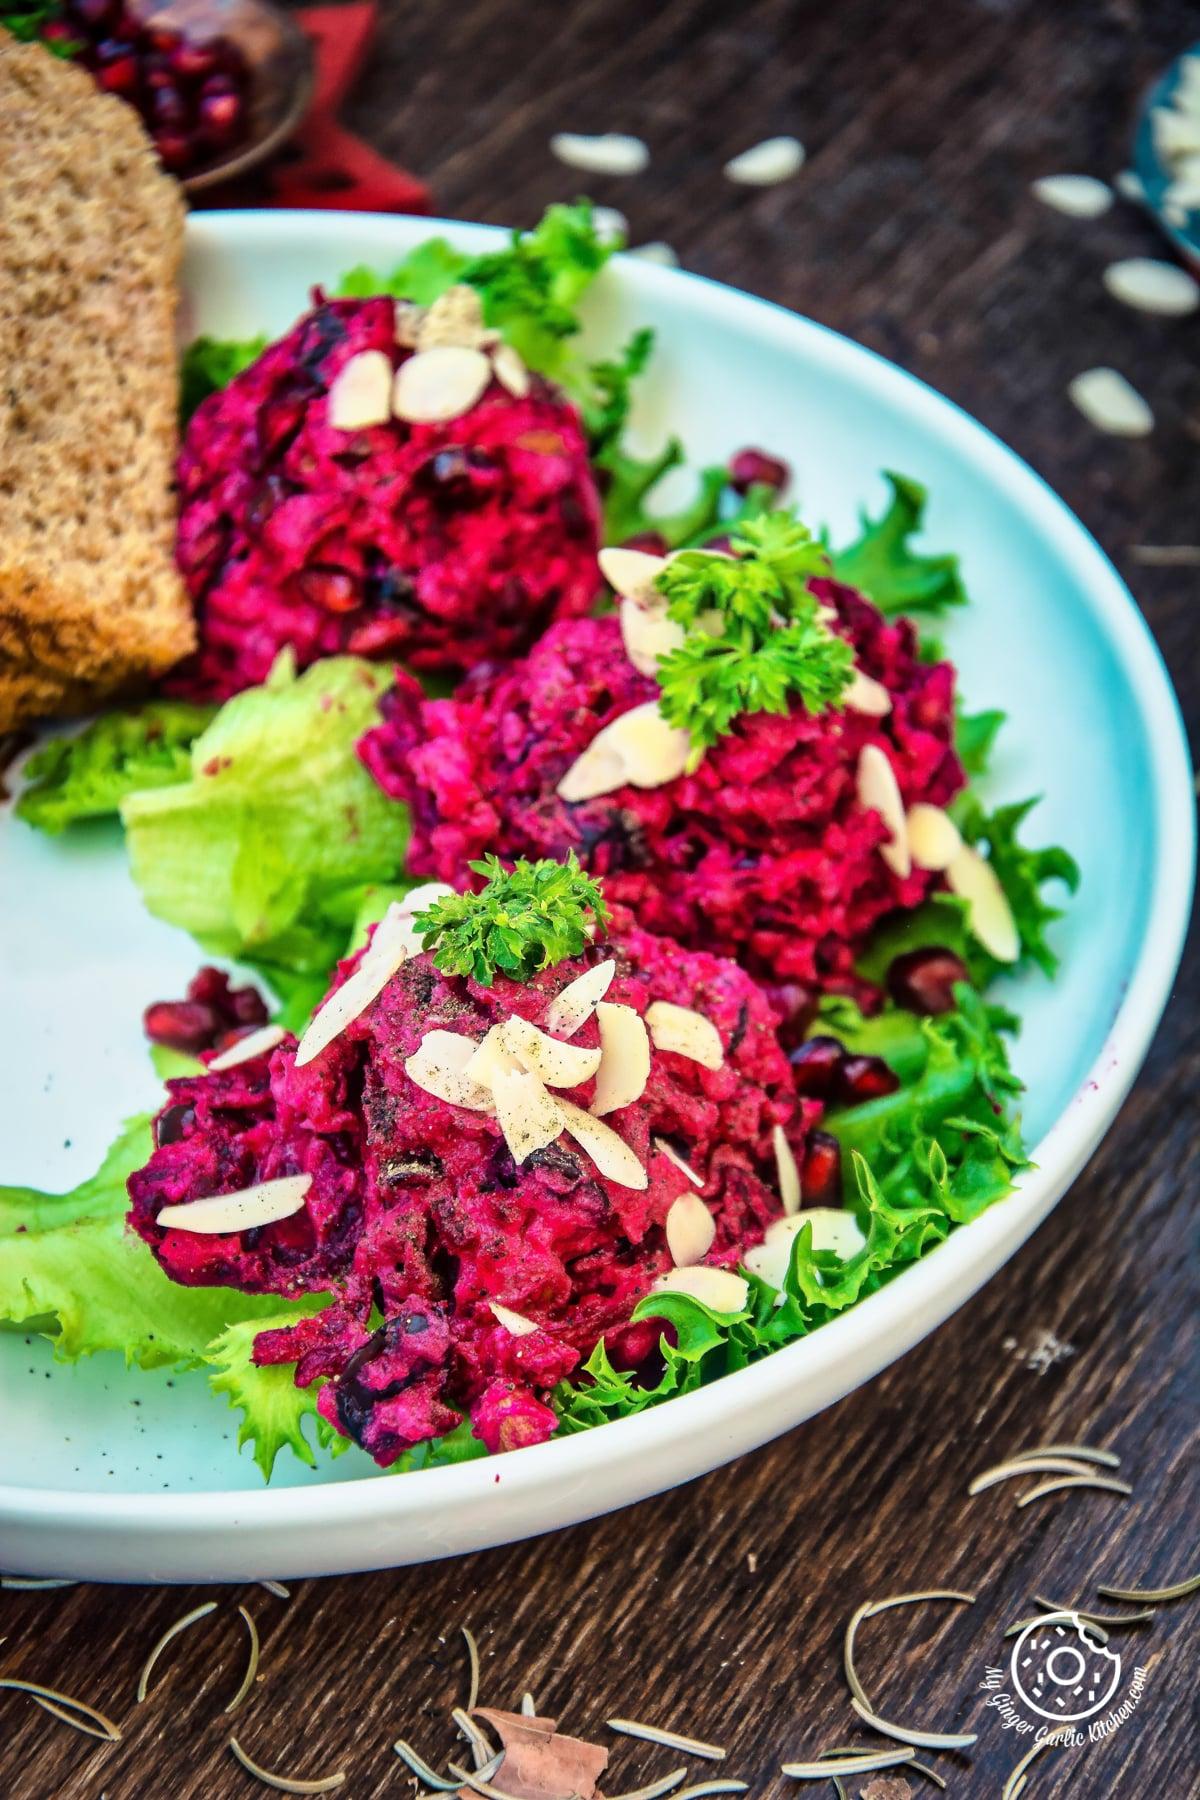 recipes-Roasted- Beet-Potato-Holiday-Salad-anupama-paliwal-my-ginger-garlic-kitchen-3